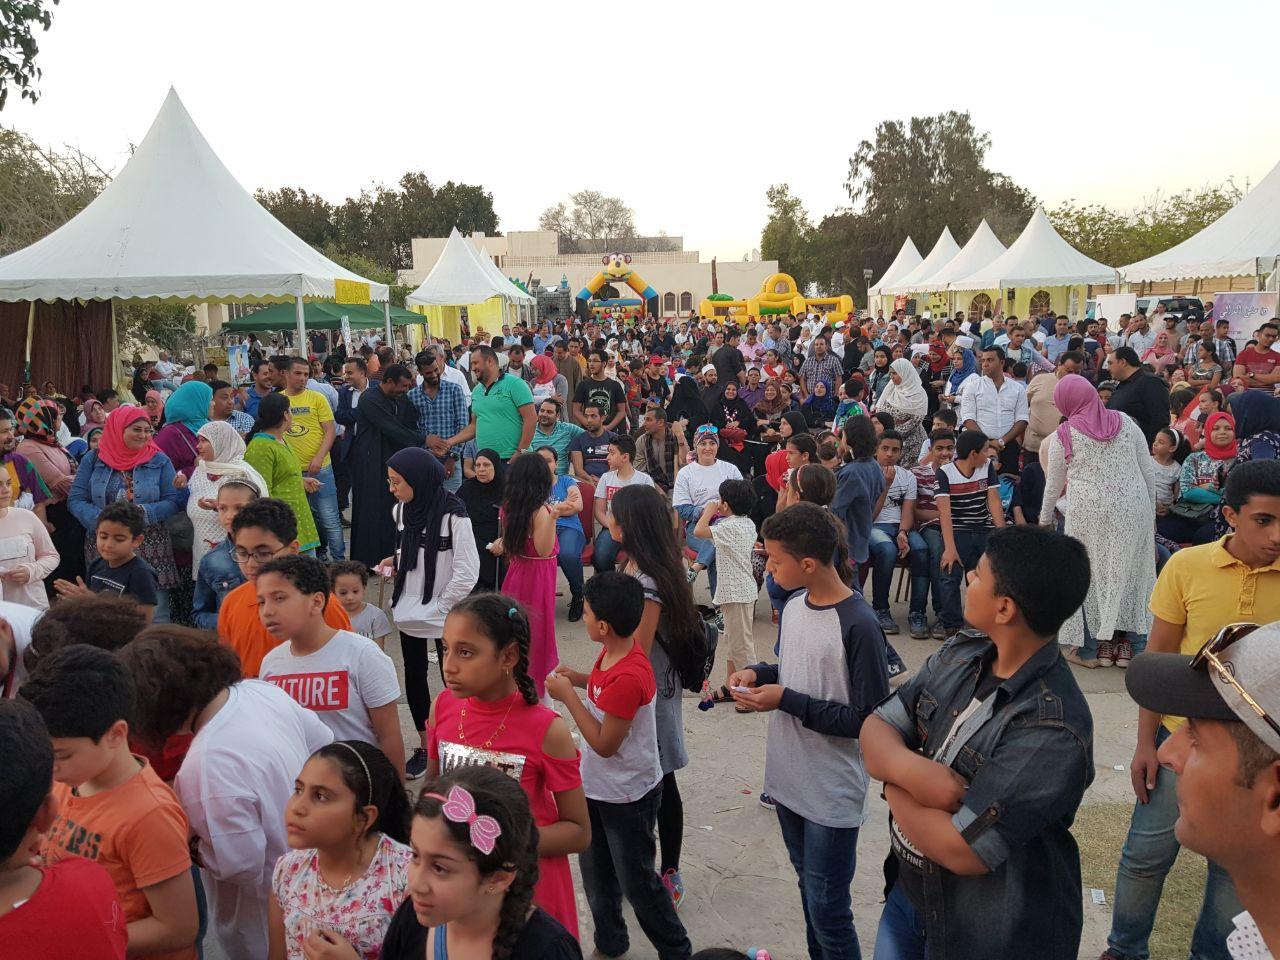 """بالفيديو.. """"الصعايدة"""" يحتفلون بالانتخابات الرئاسية في مسقط"""